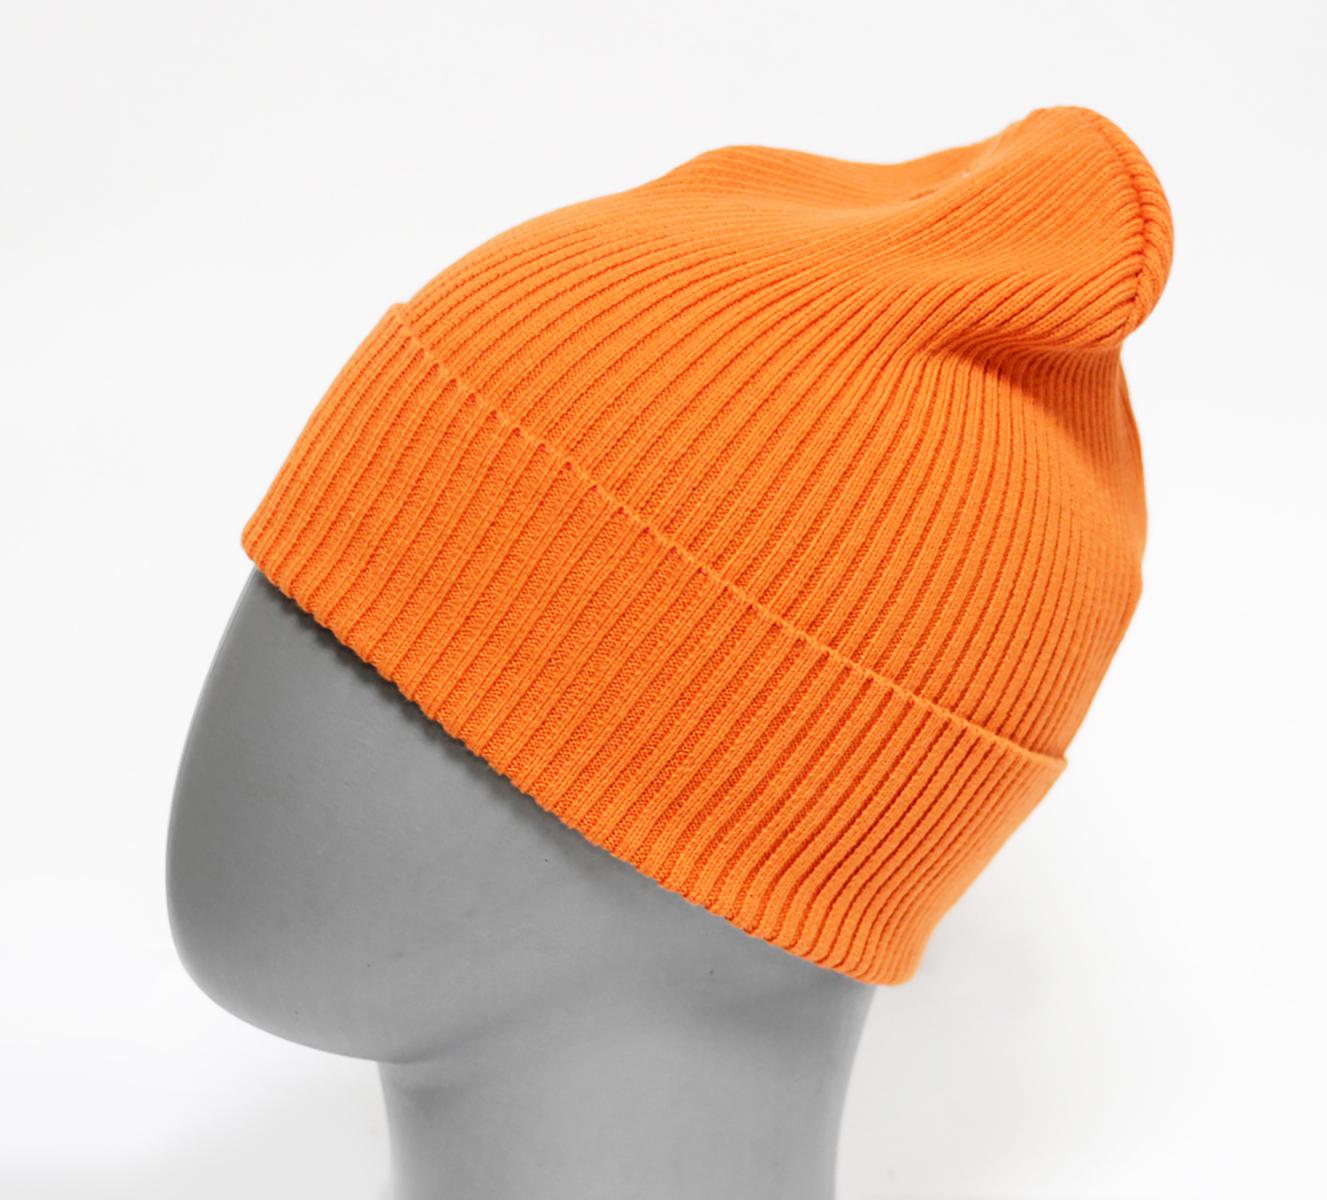 Шапка для девочки Marhatter, цвет: коричнево-красный. MFH5605. Размер 55/56MFH5605Стильная однотонная шапка с отворотом, выполненная из хлопка. Отлично подойдет для ежедневных прогулок. Размер, доступный для заказа, является обхватом головы.